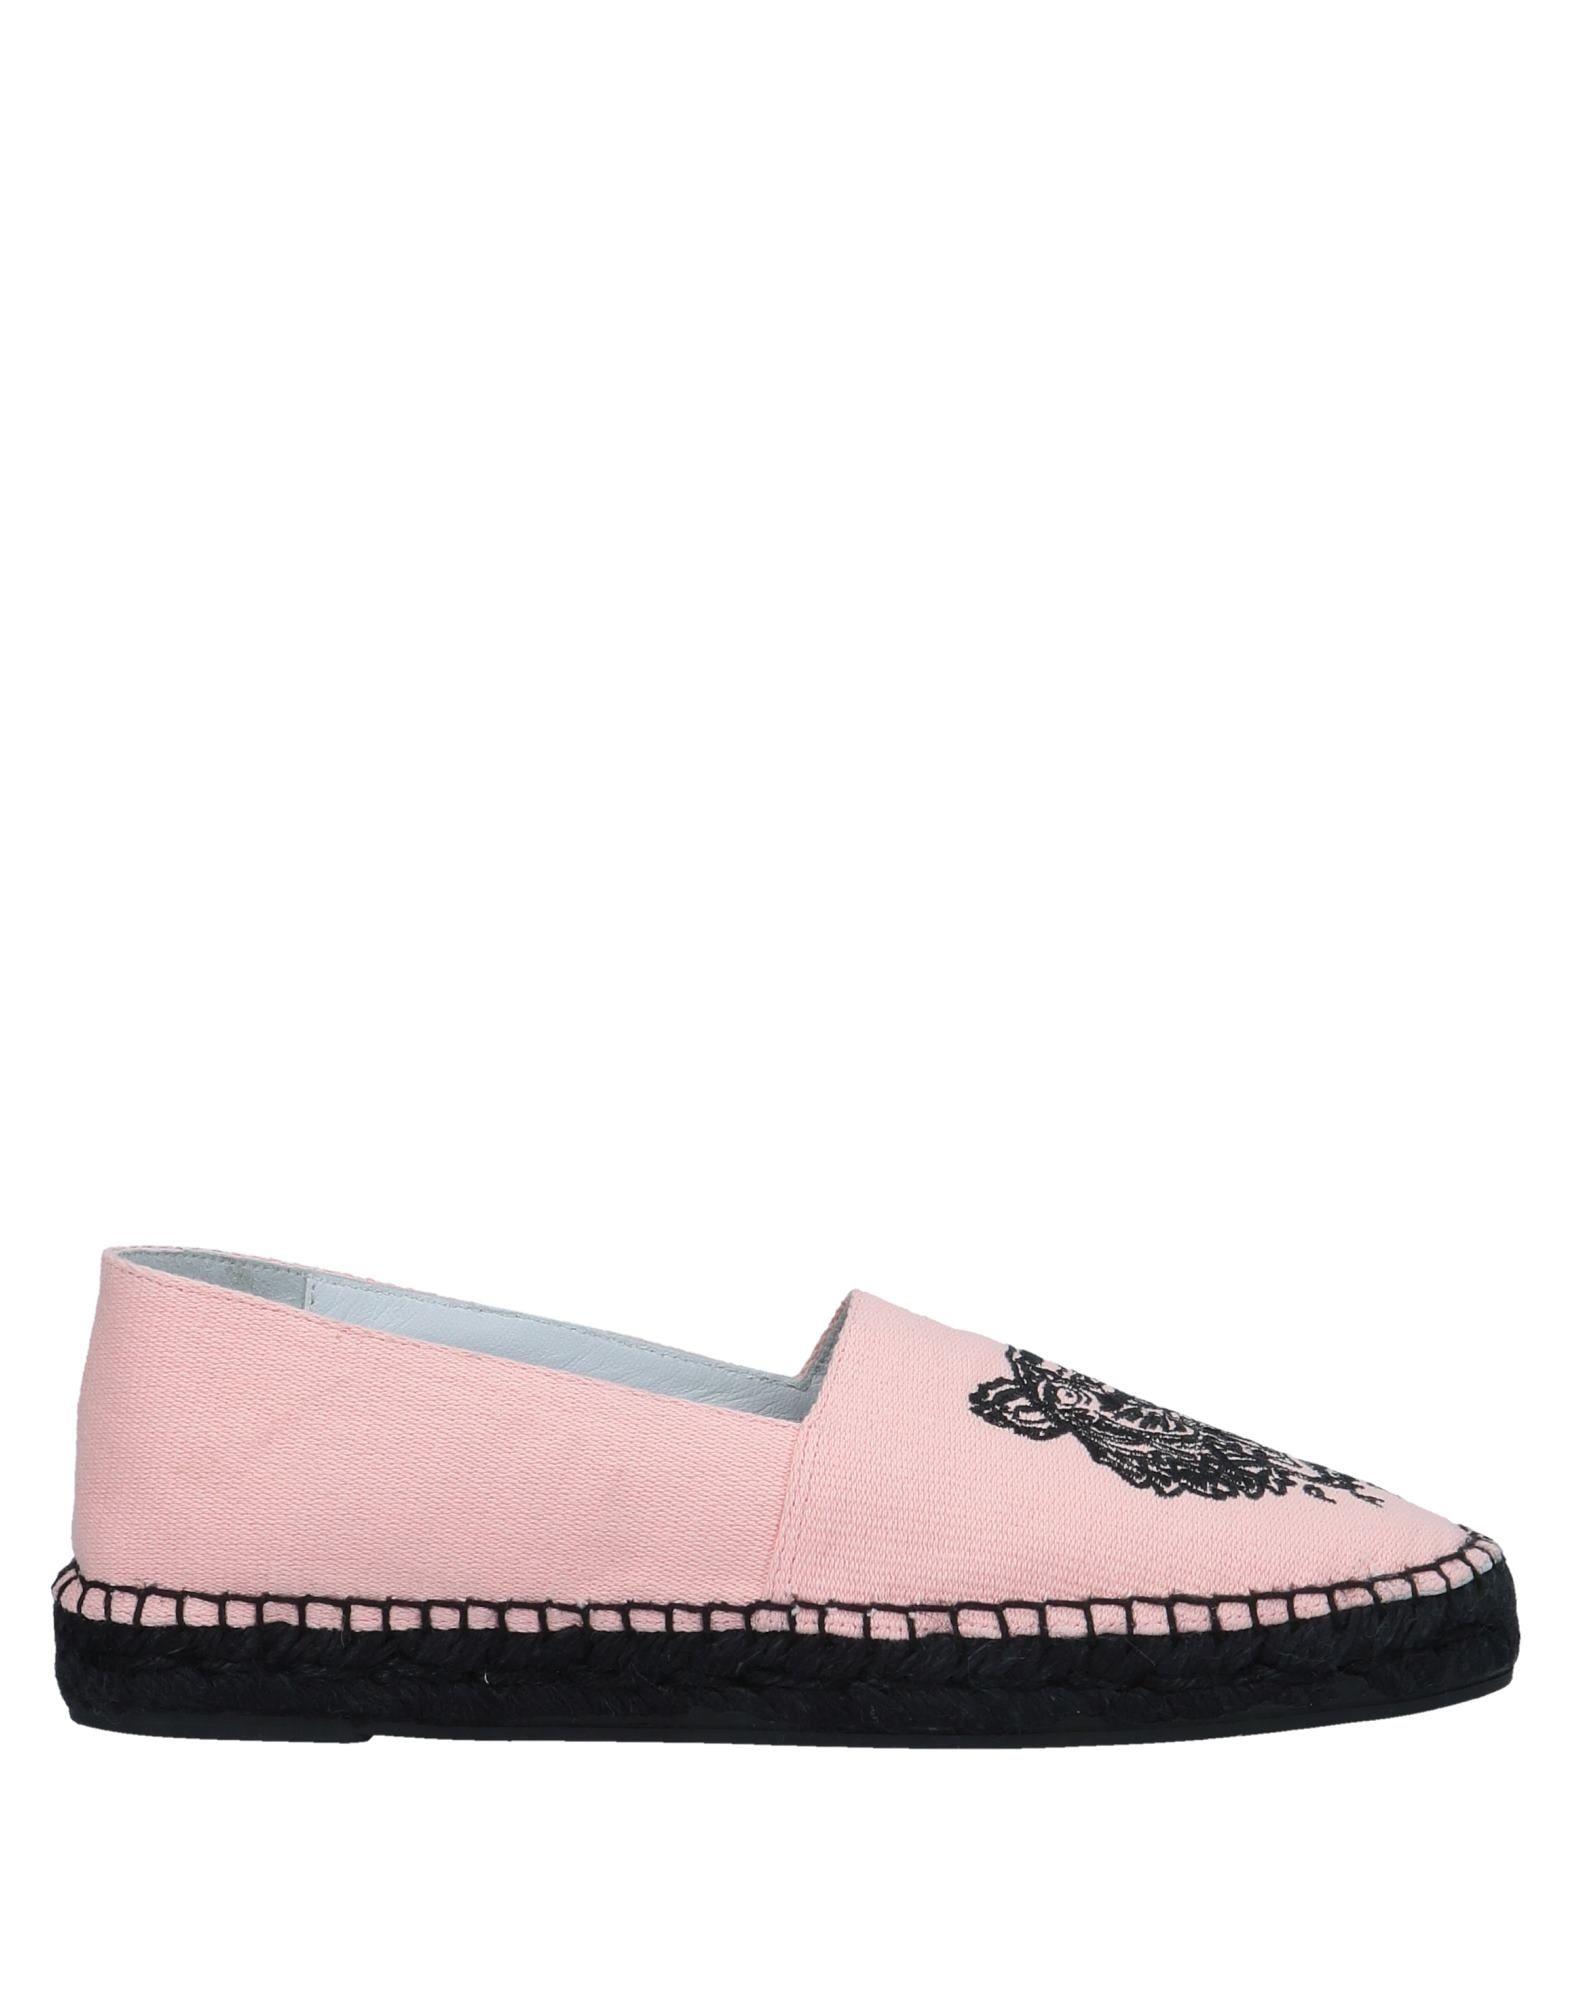 Kenzo Espadrilles Damen  11359173SU Gute Qualität beliebte Schuhe